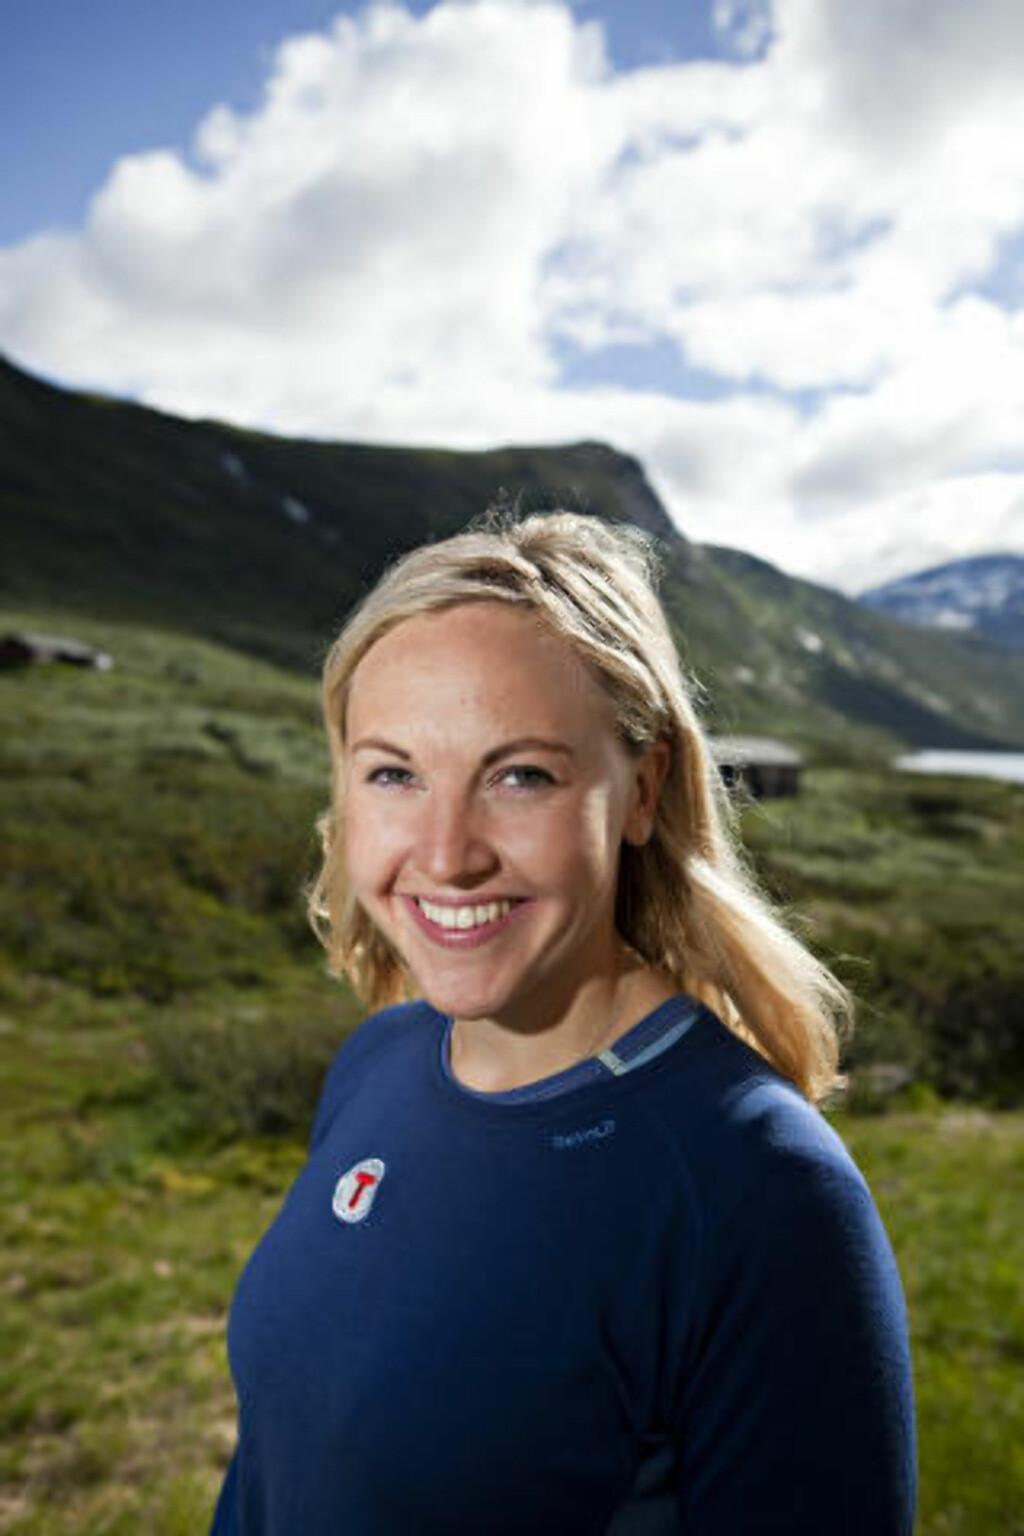 PÅ FJELLET:  Fjellet er det mest romantiske stedet å finne noen, sier Ida Amelie Helgesen i Den Norske Turistforening. Foto: ELIN HANSSON